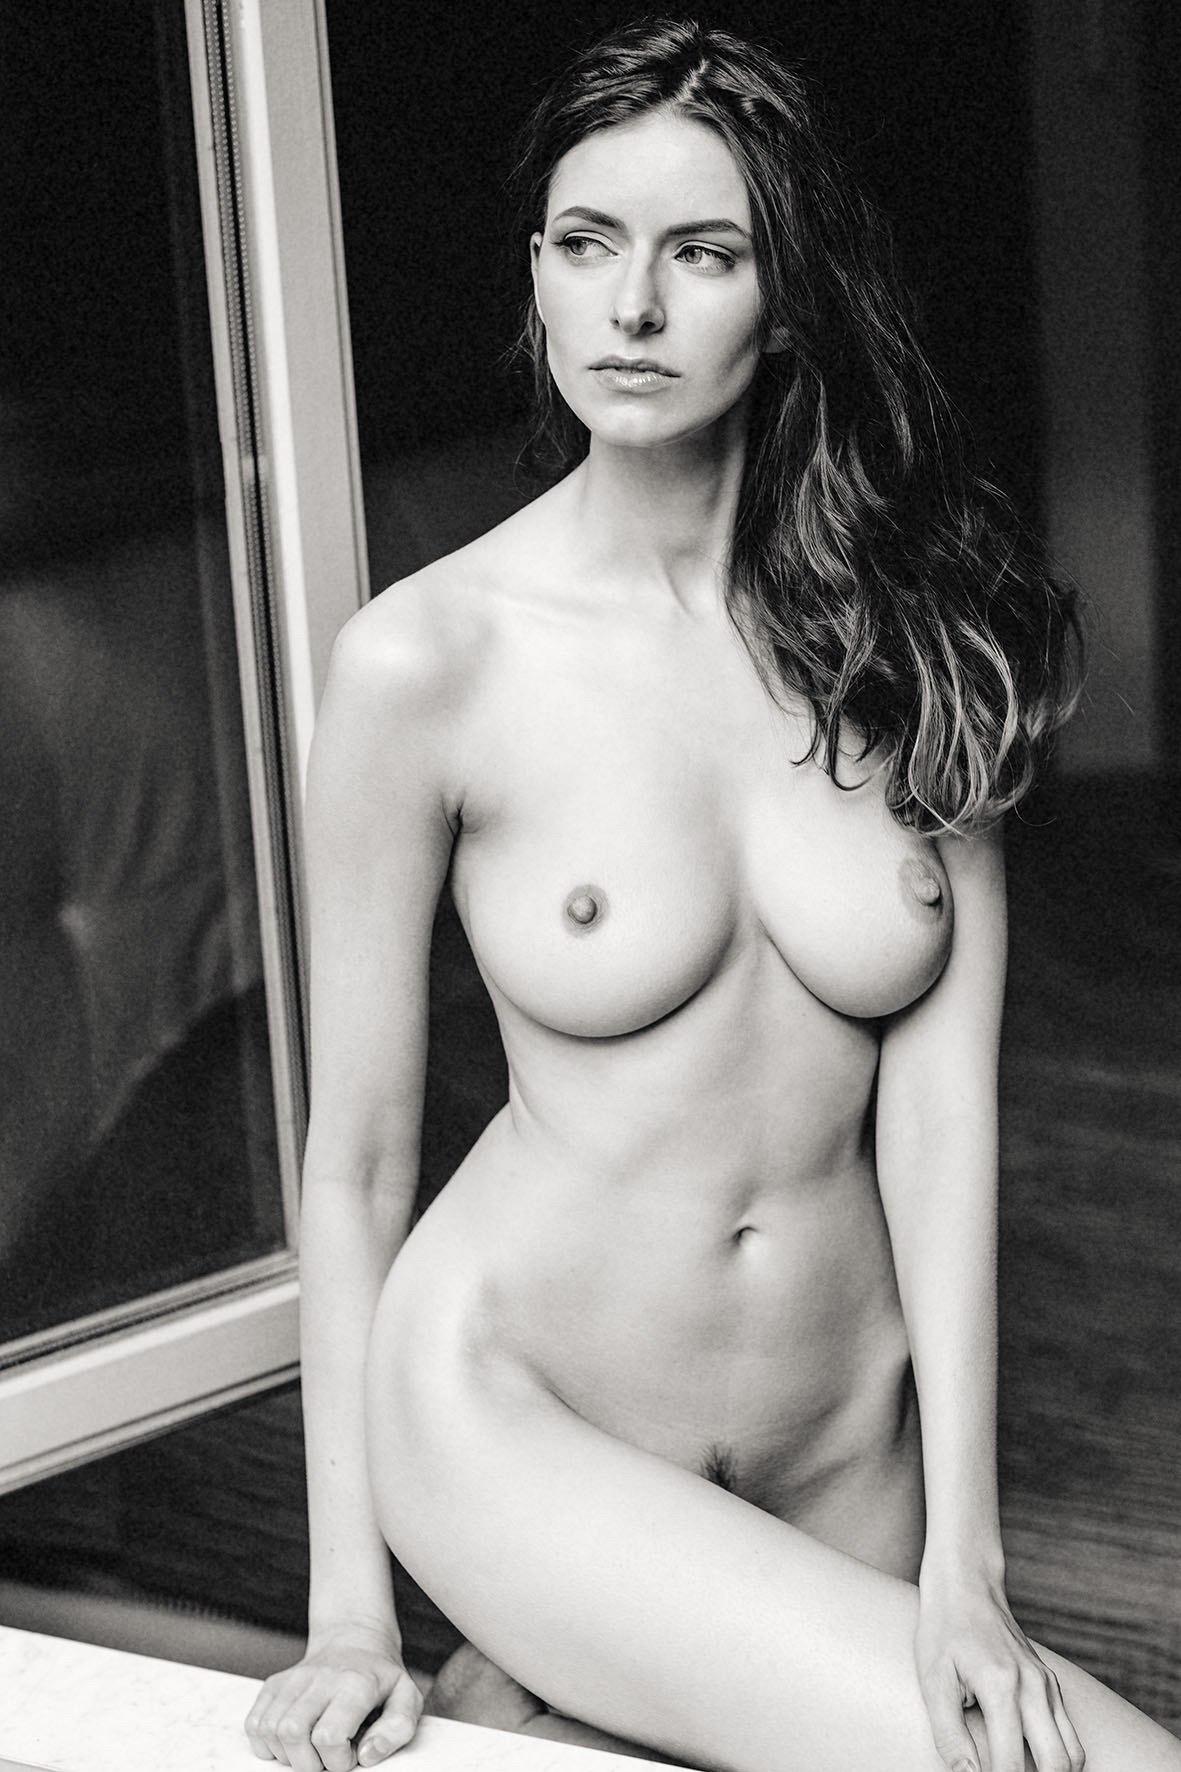 Adriana Chechik Planetsuzy adriana chechik planetsuzy porn | www.freee-porns